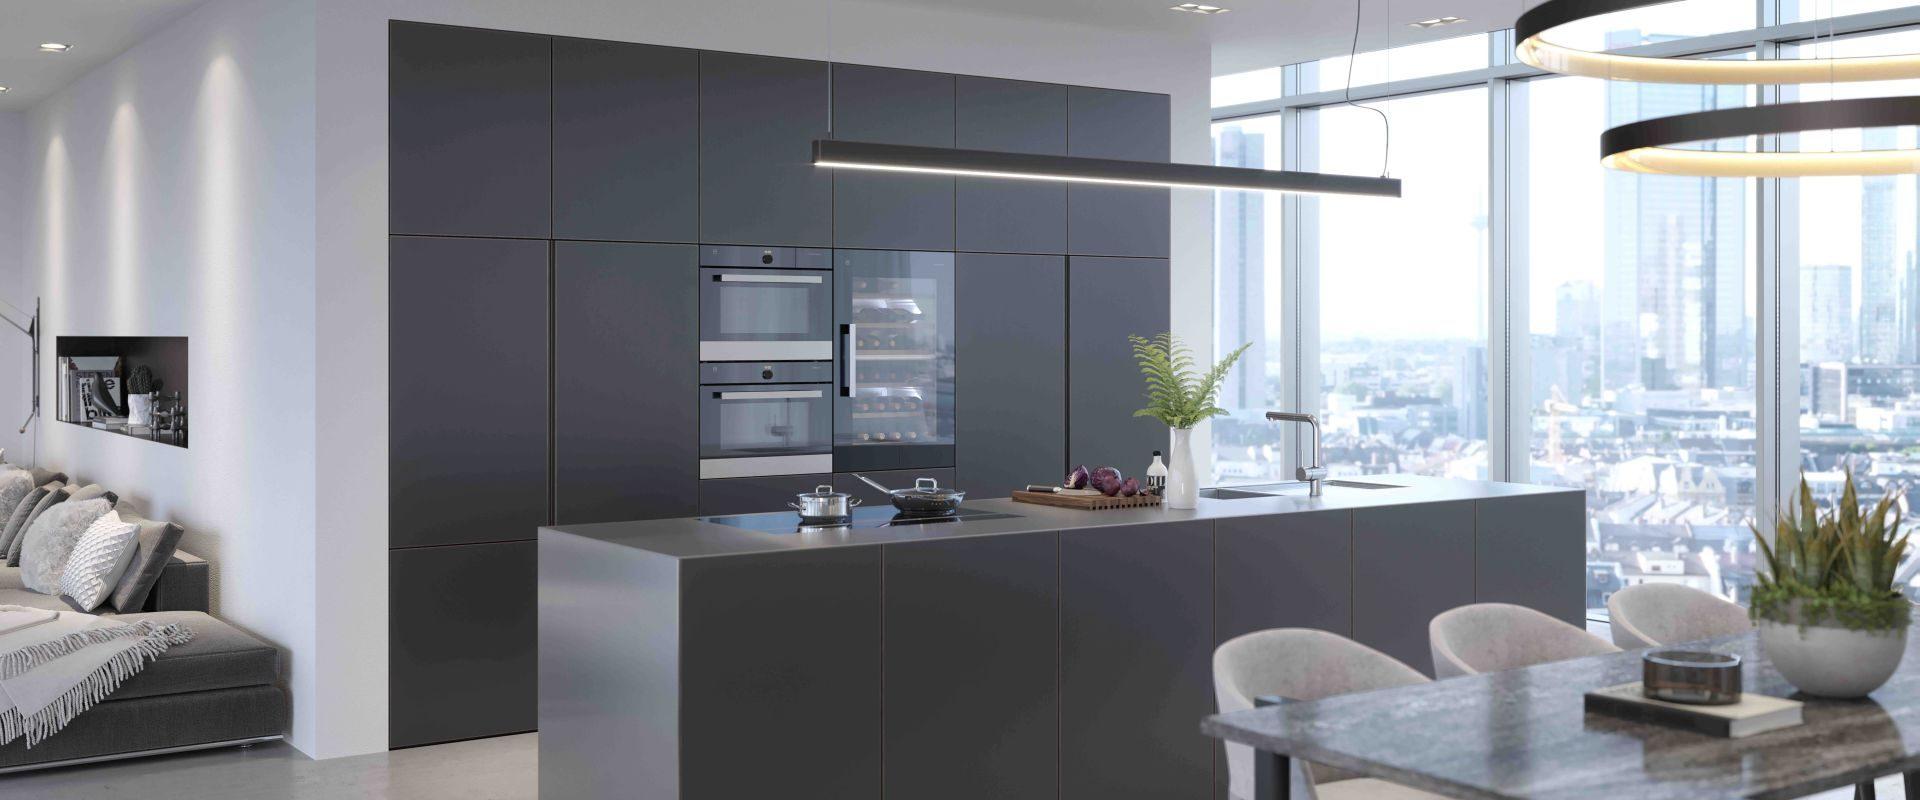 Küchengeräte | Stilvolle Küche von VZUG